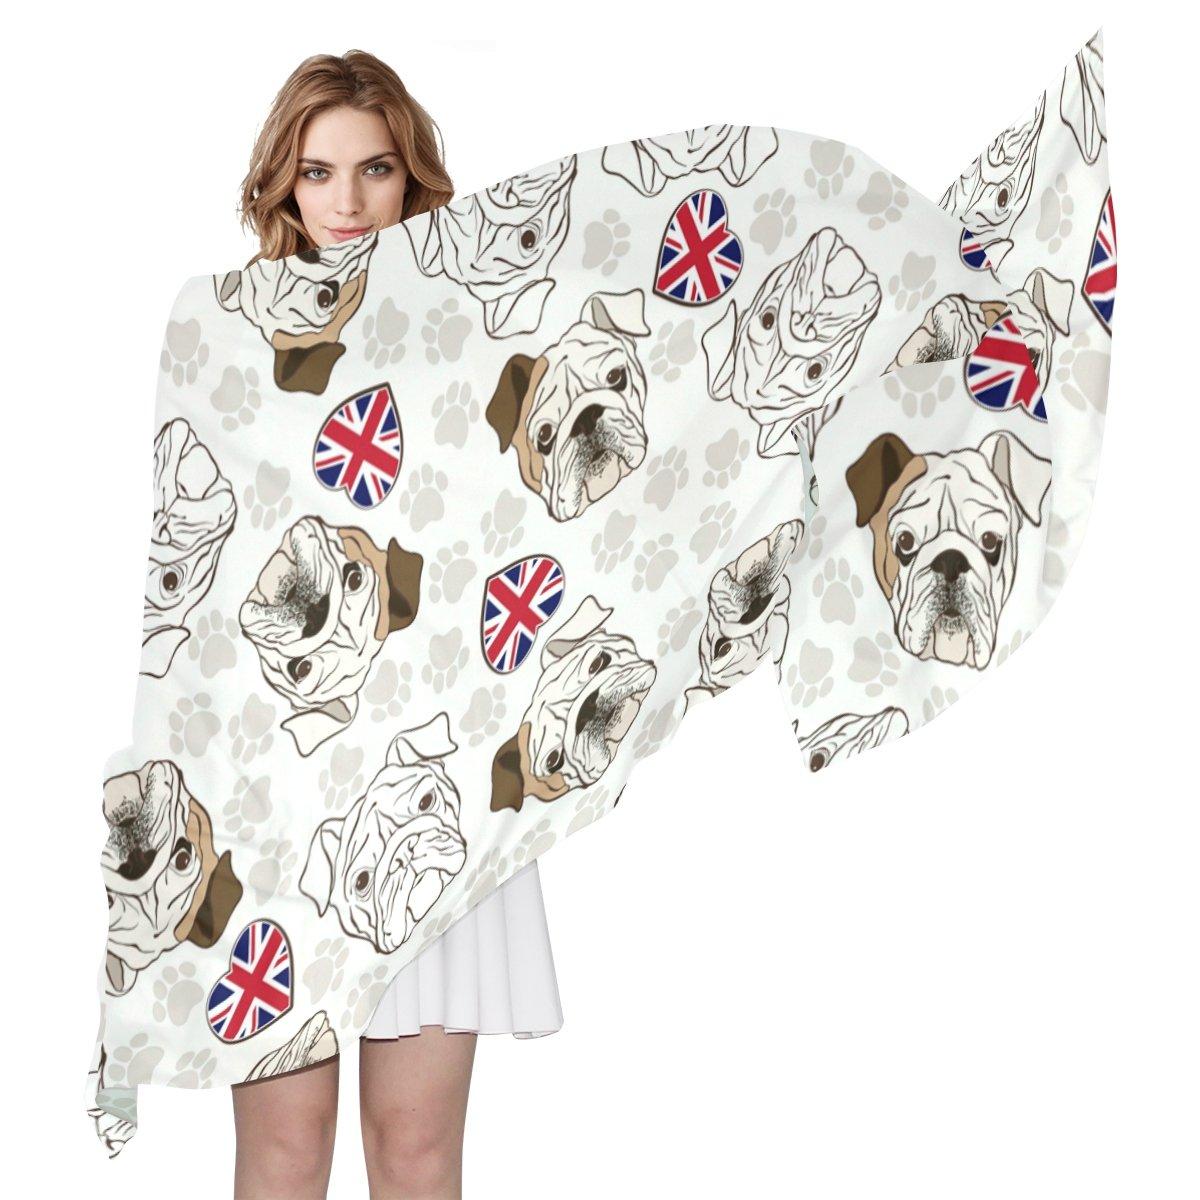 COOSUN Bulldog Inglés Ligera bufanda de seda larga de la bufanda del abrigo del mantón de la Mujer 90x180? CM? multicolor: Amazon.es: Ropa y accesorios